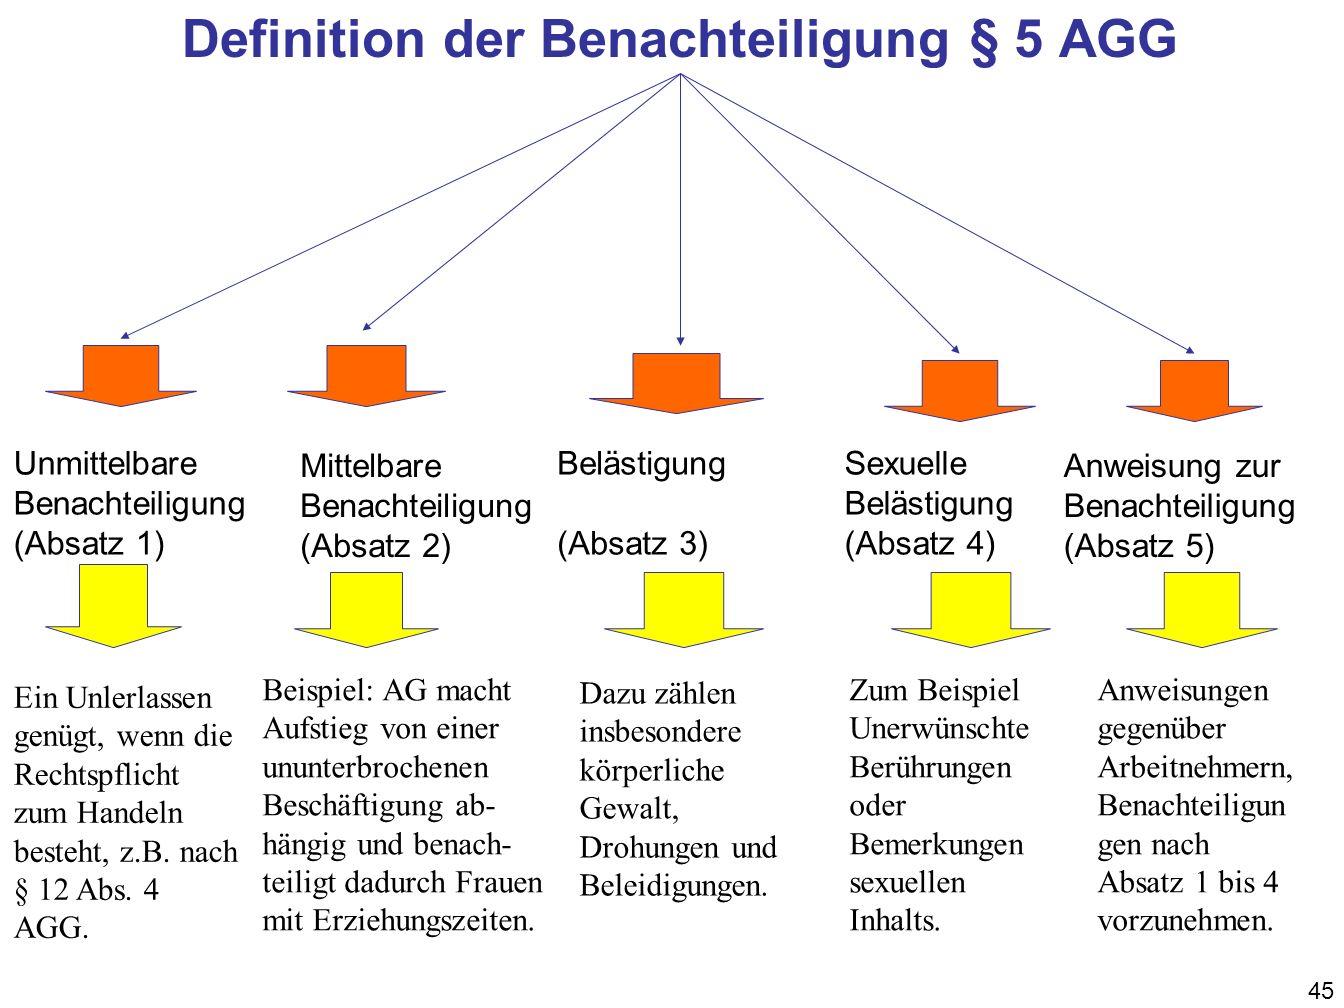 45 Definition der Benachteiligung § 5 AGG Unmittelbare Benachteiligung (Absatz 1) Mittelbare Benachteiligung (Absatz 2) Sexuelle Belästigung (Absatz 4